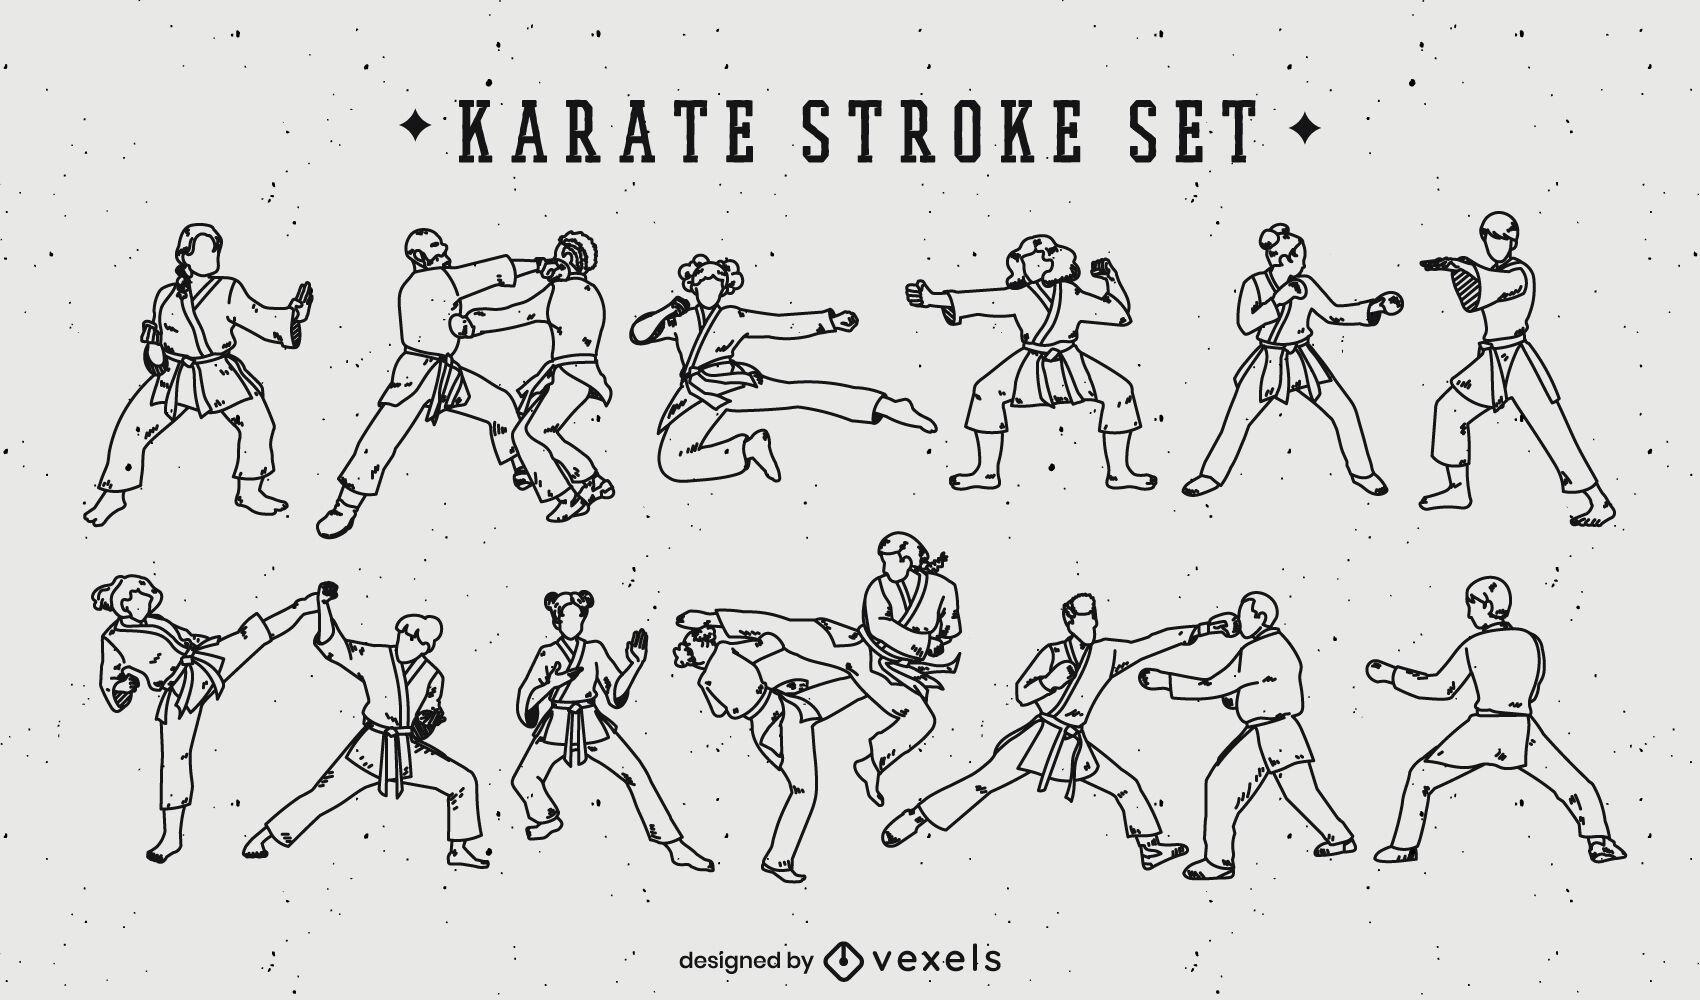 Karate artes marciais move pessoas conjunto de bra?ada